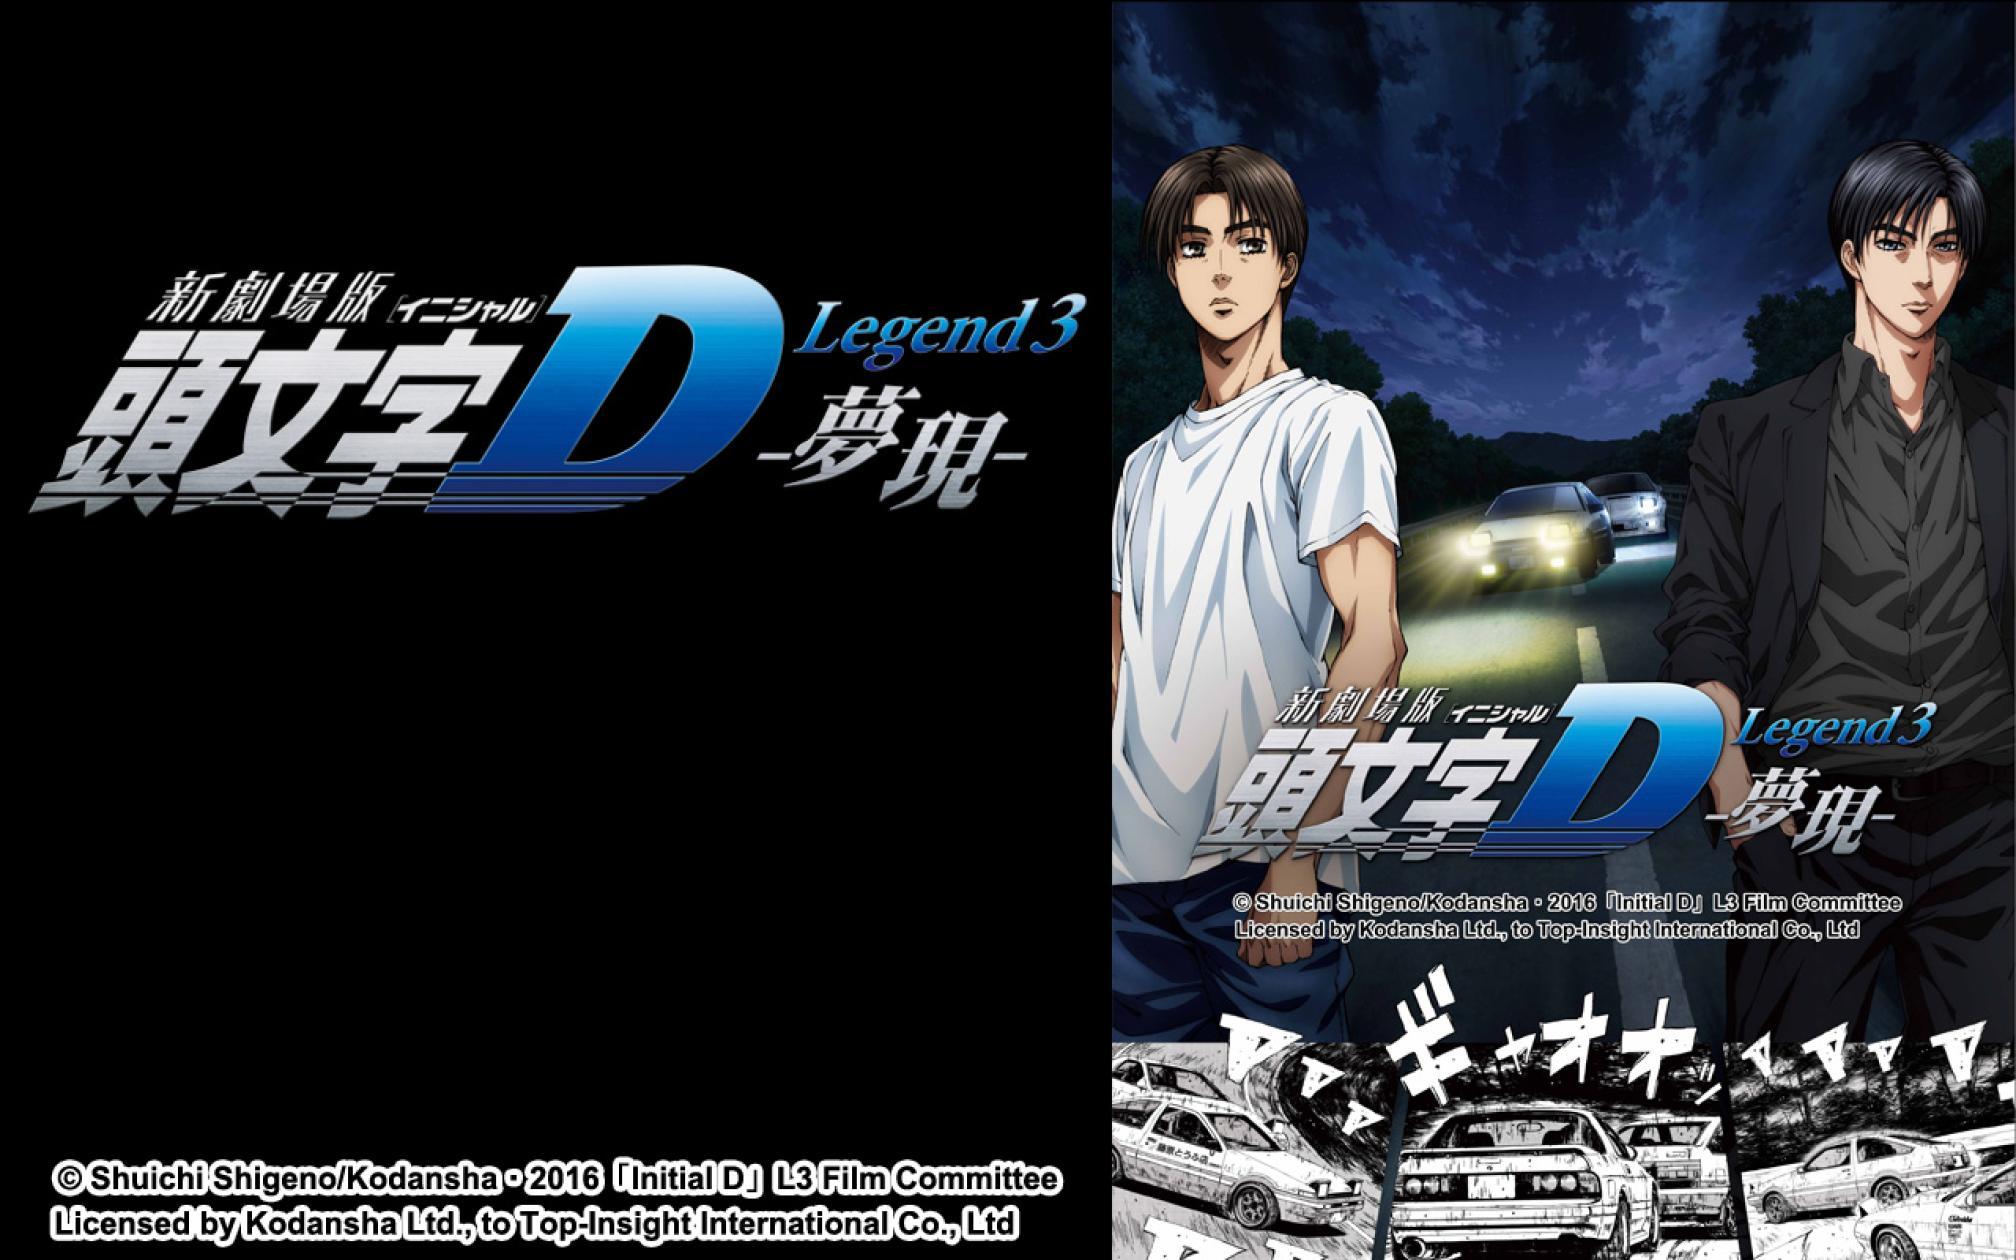 新劇場版 頭文字D Legend3 -夢現-劇照 1